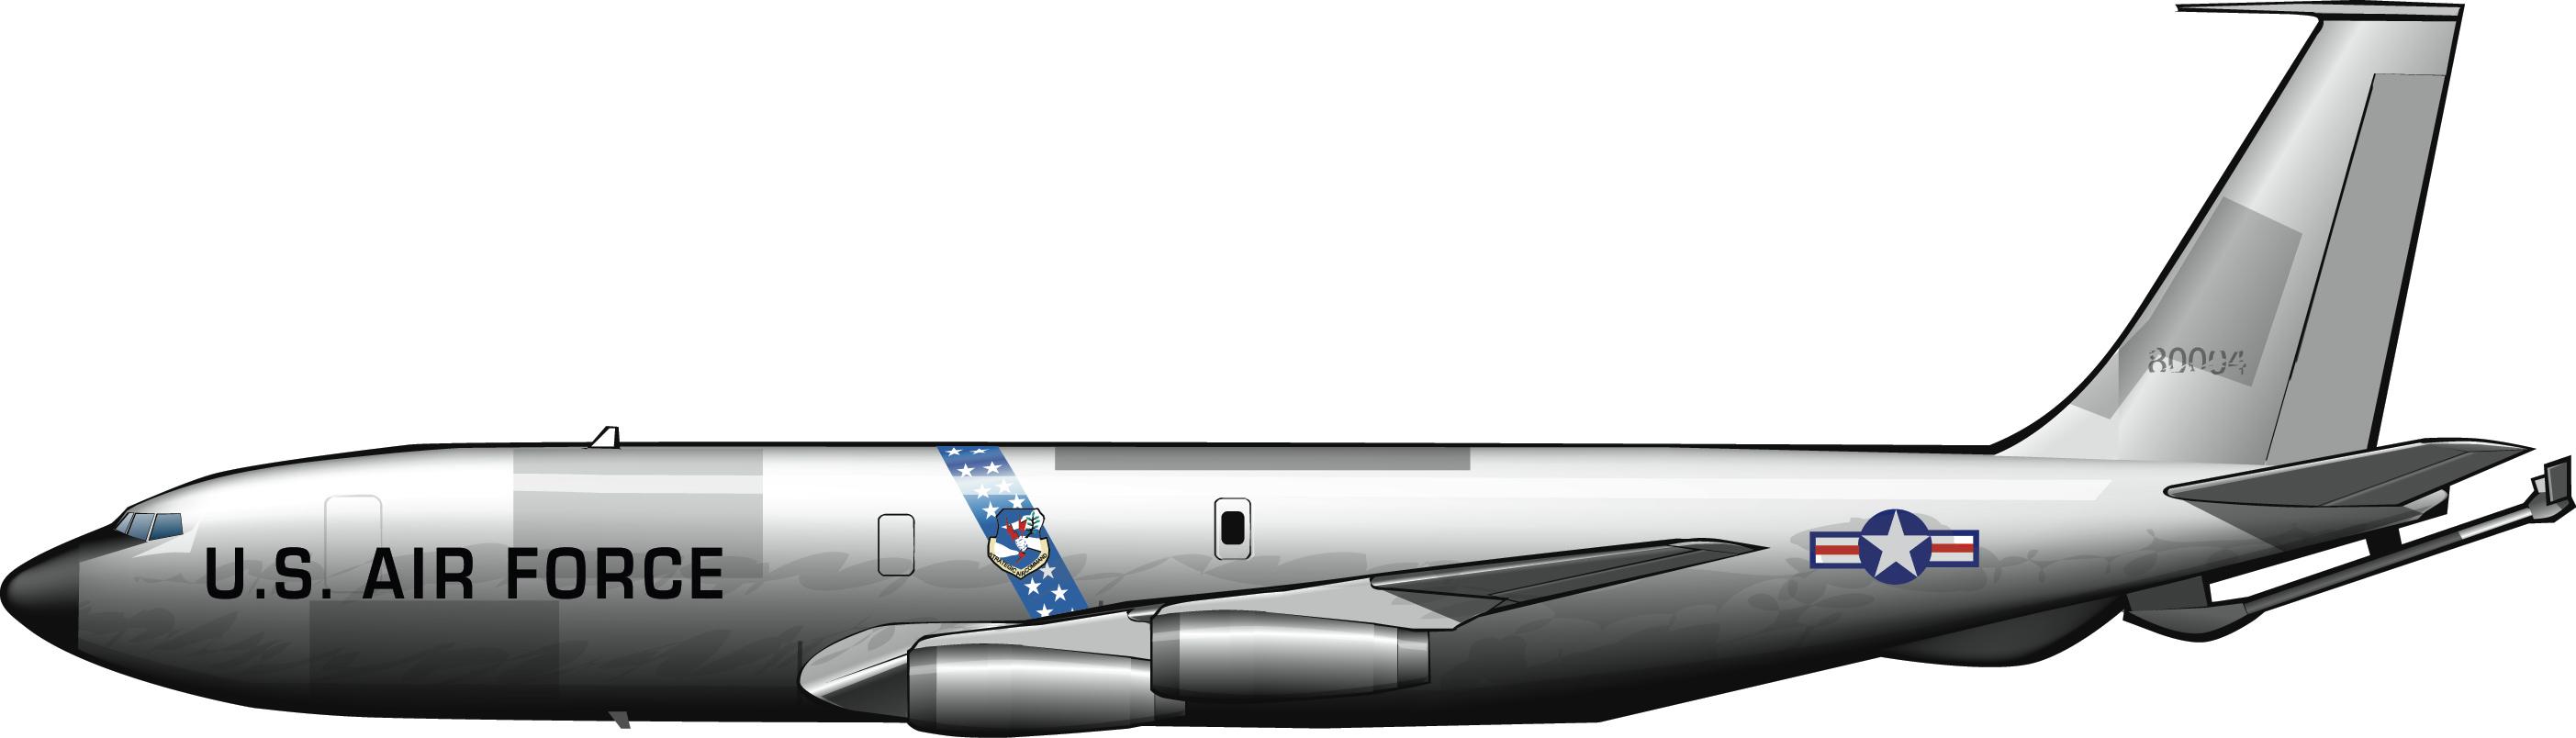 boeingKC135stratotanker1966